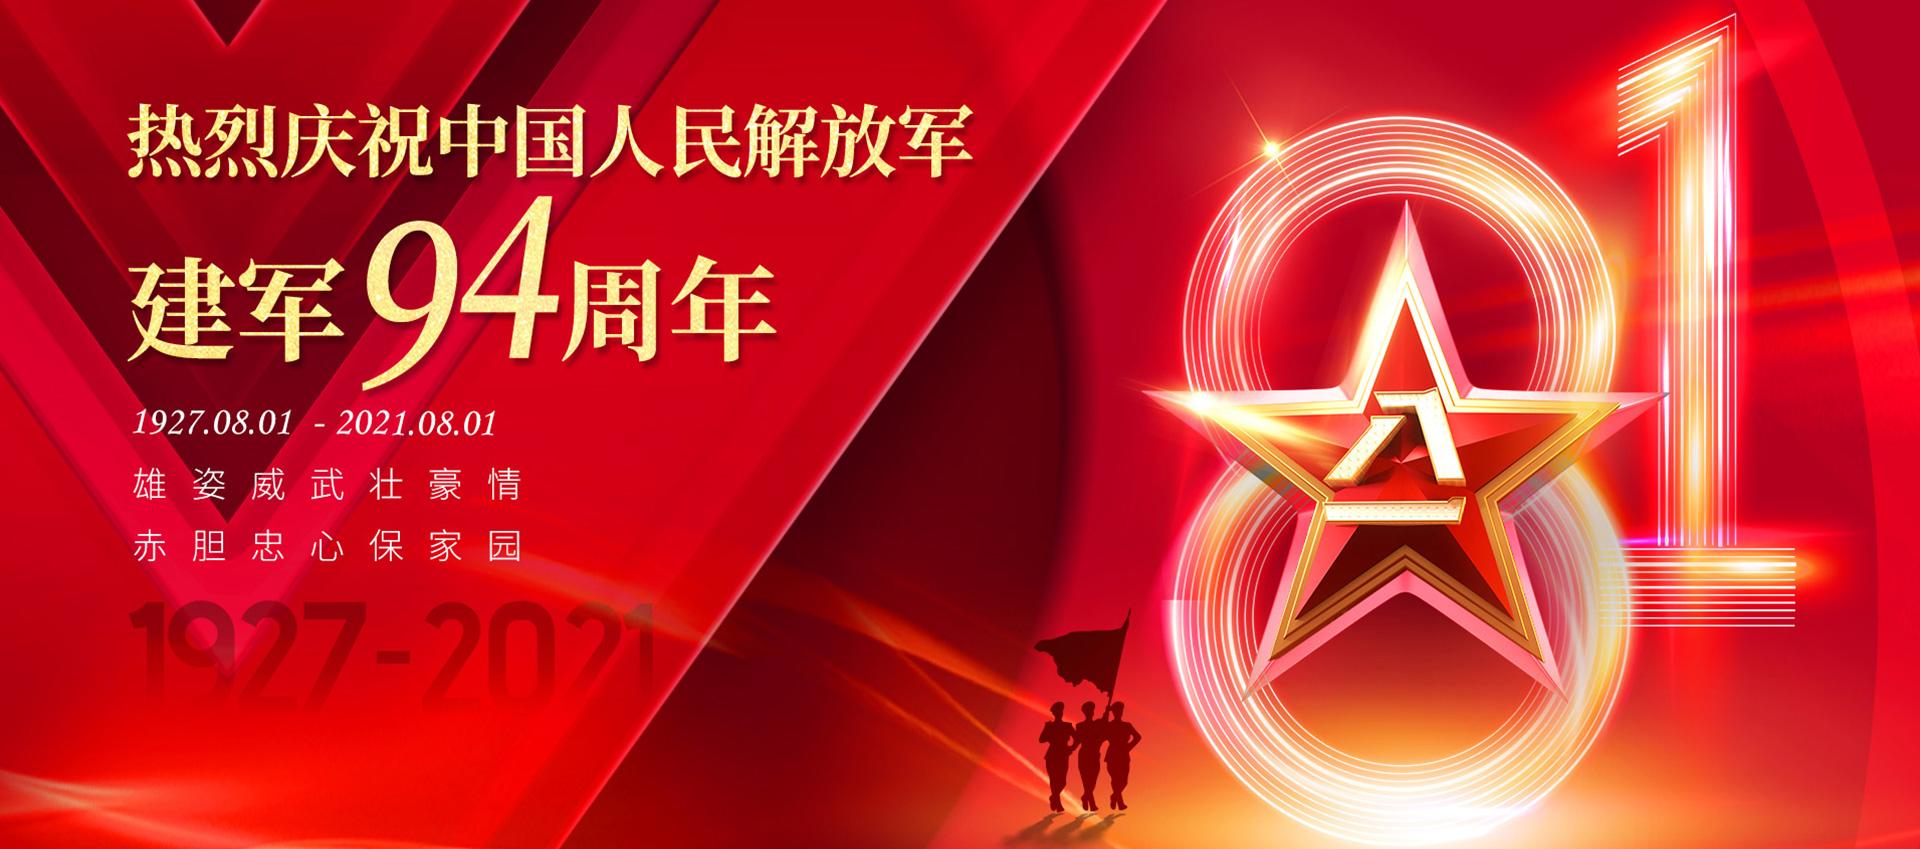 建军节banner01